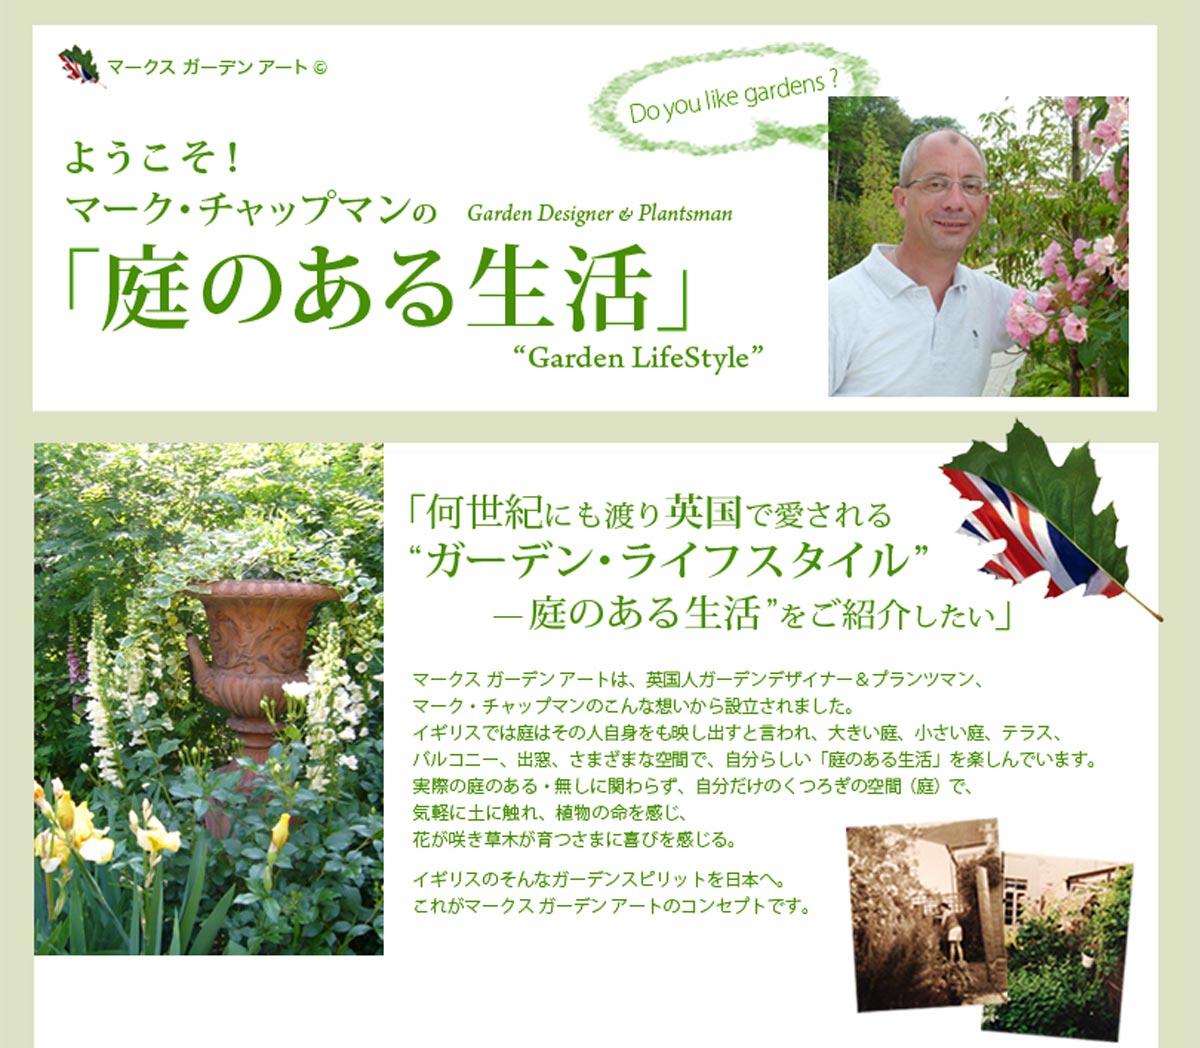 「マークス ガーデン アート」英国人ガーデンデザイナー、マーク・チャップマン紹介ページ